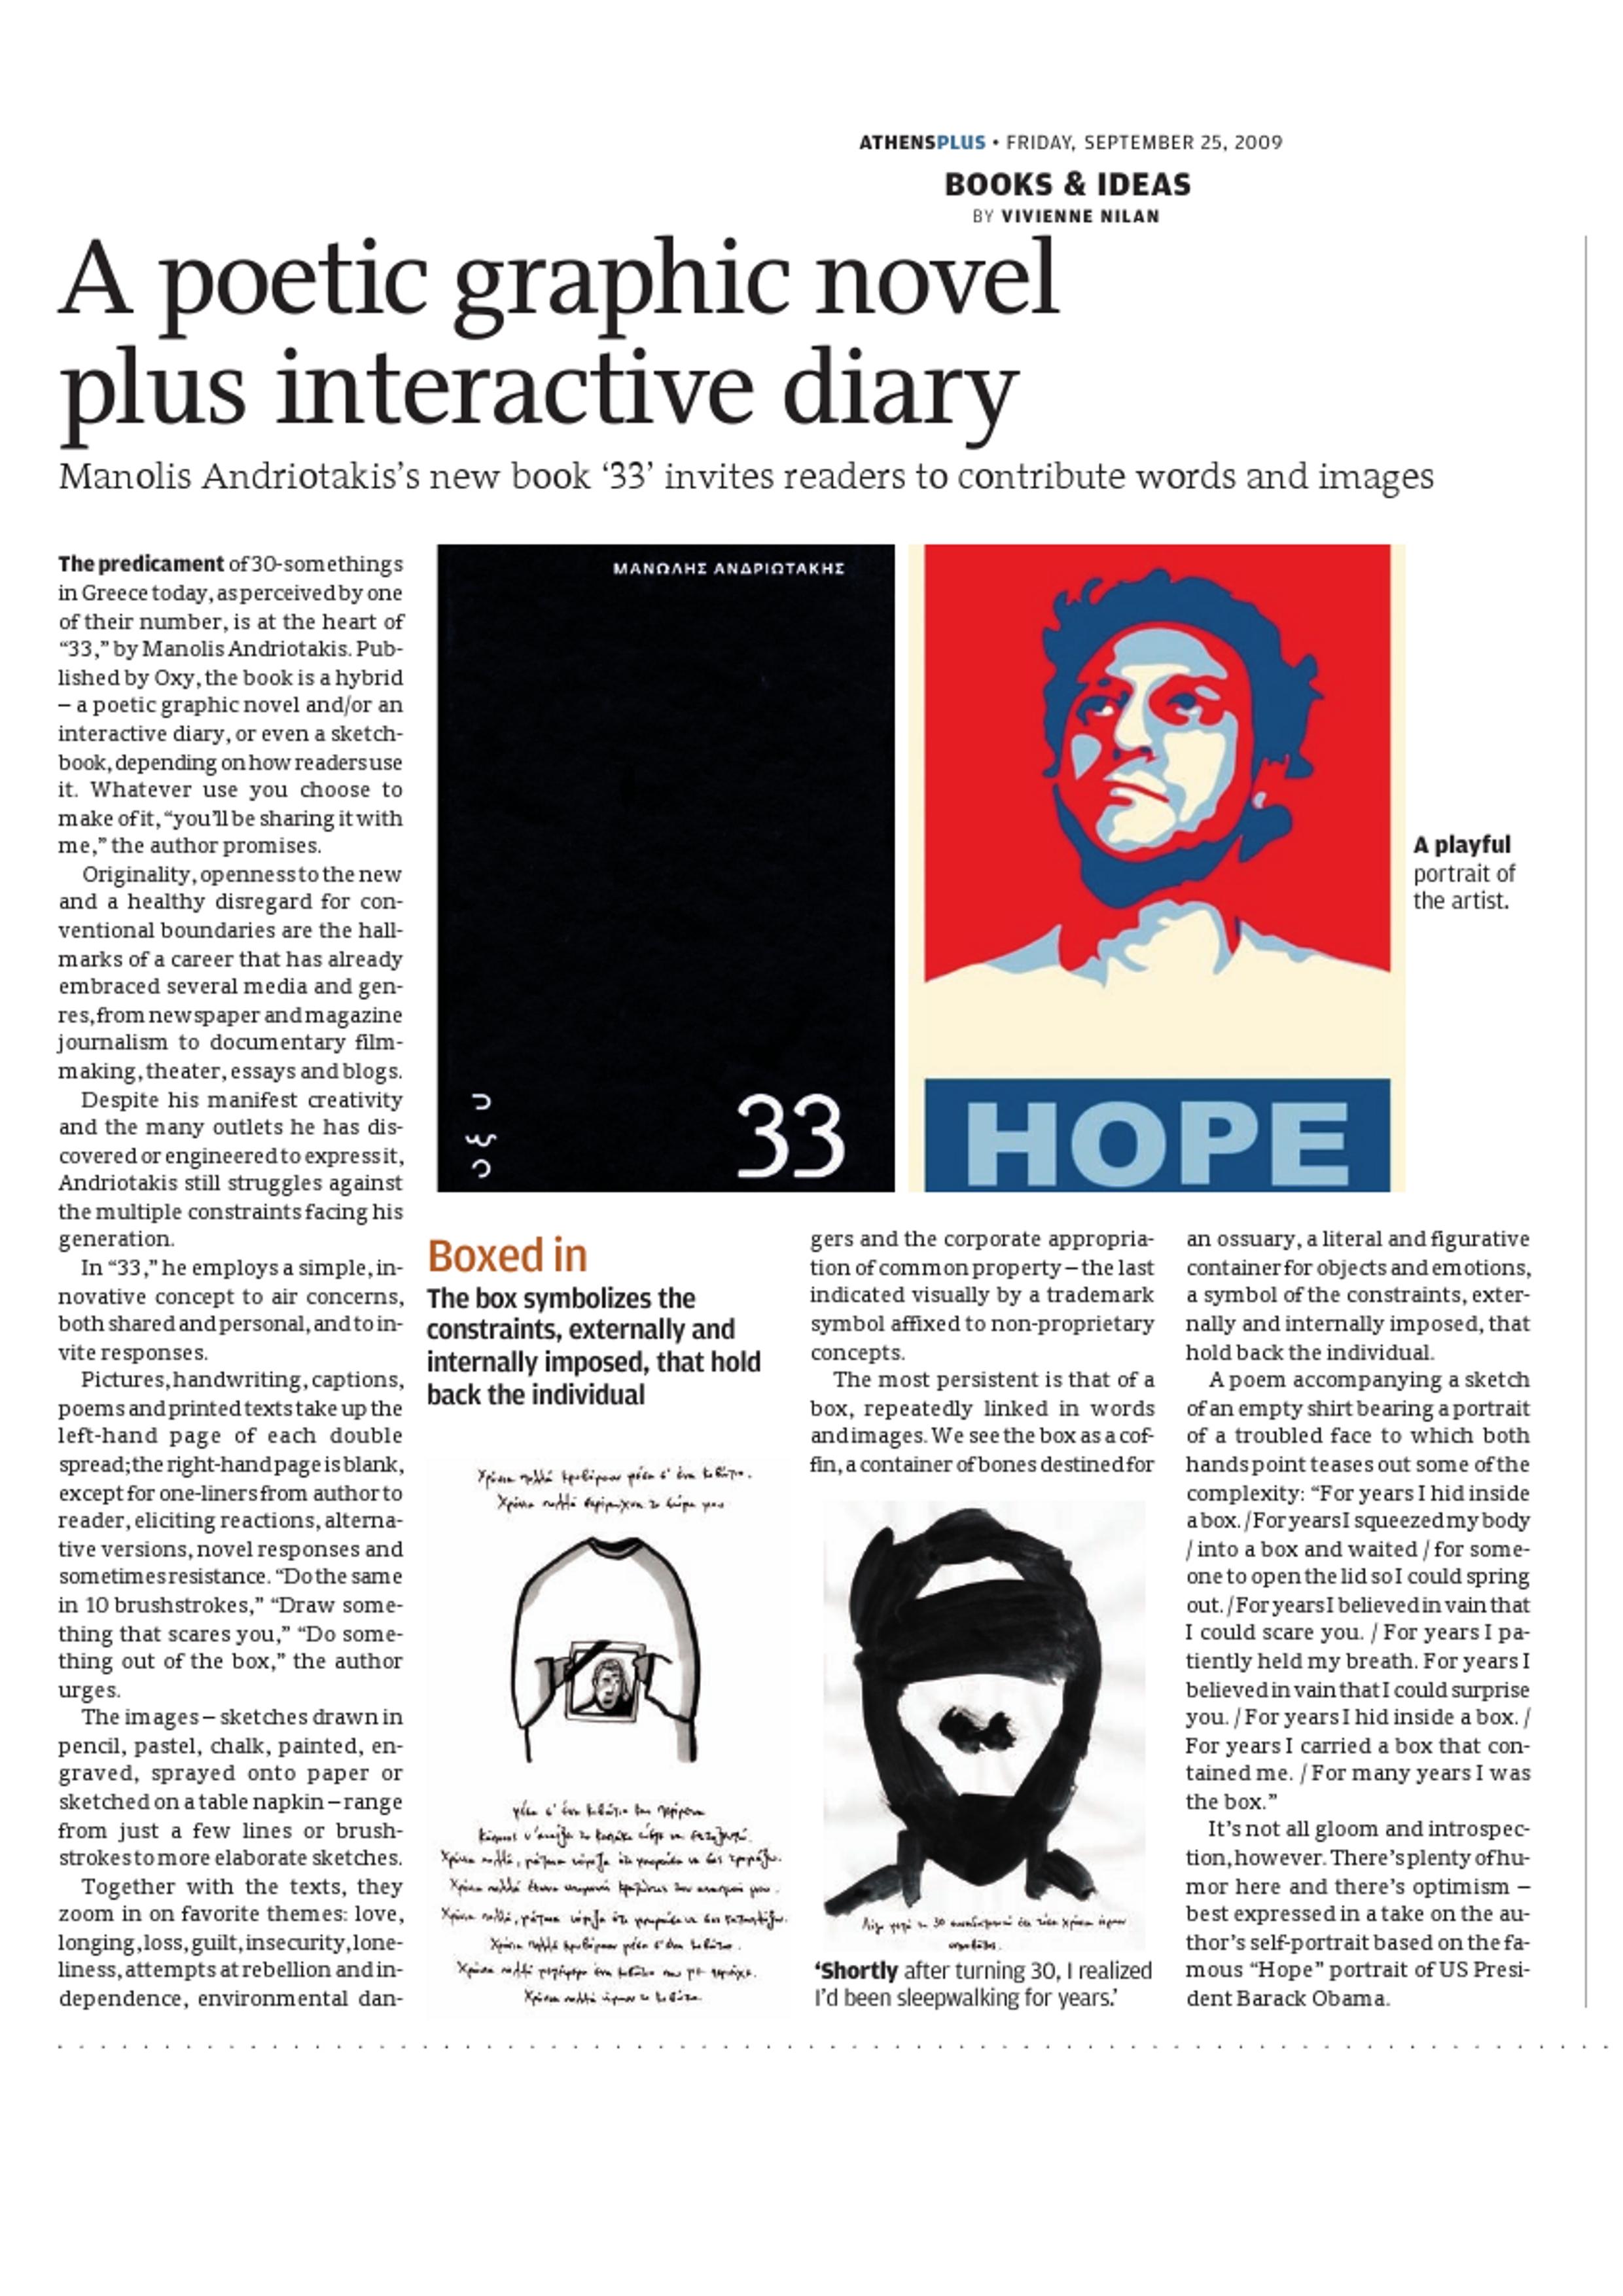 Άρθρο της Vivienne Nilan στην εβδομαδιαία εφημερίδα Athens Plus (25.09.09)